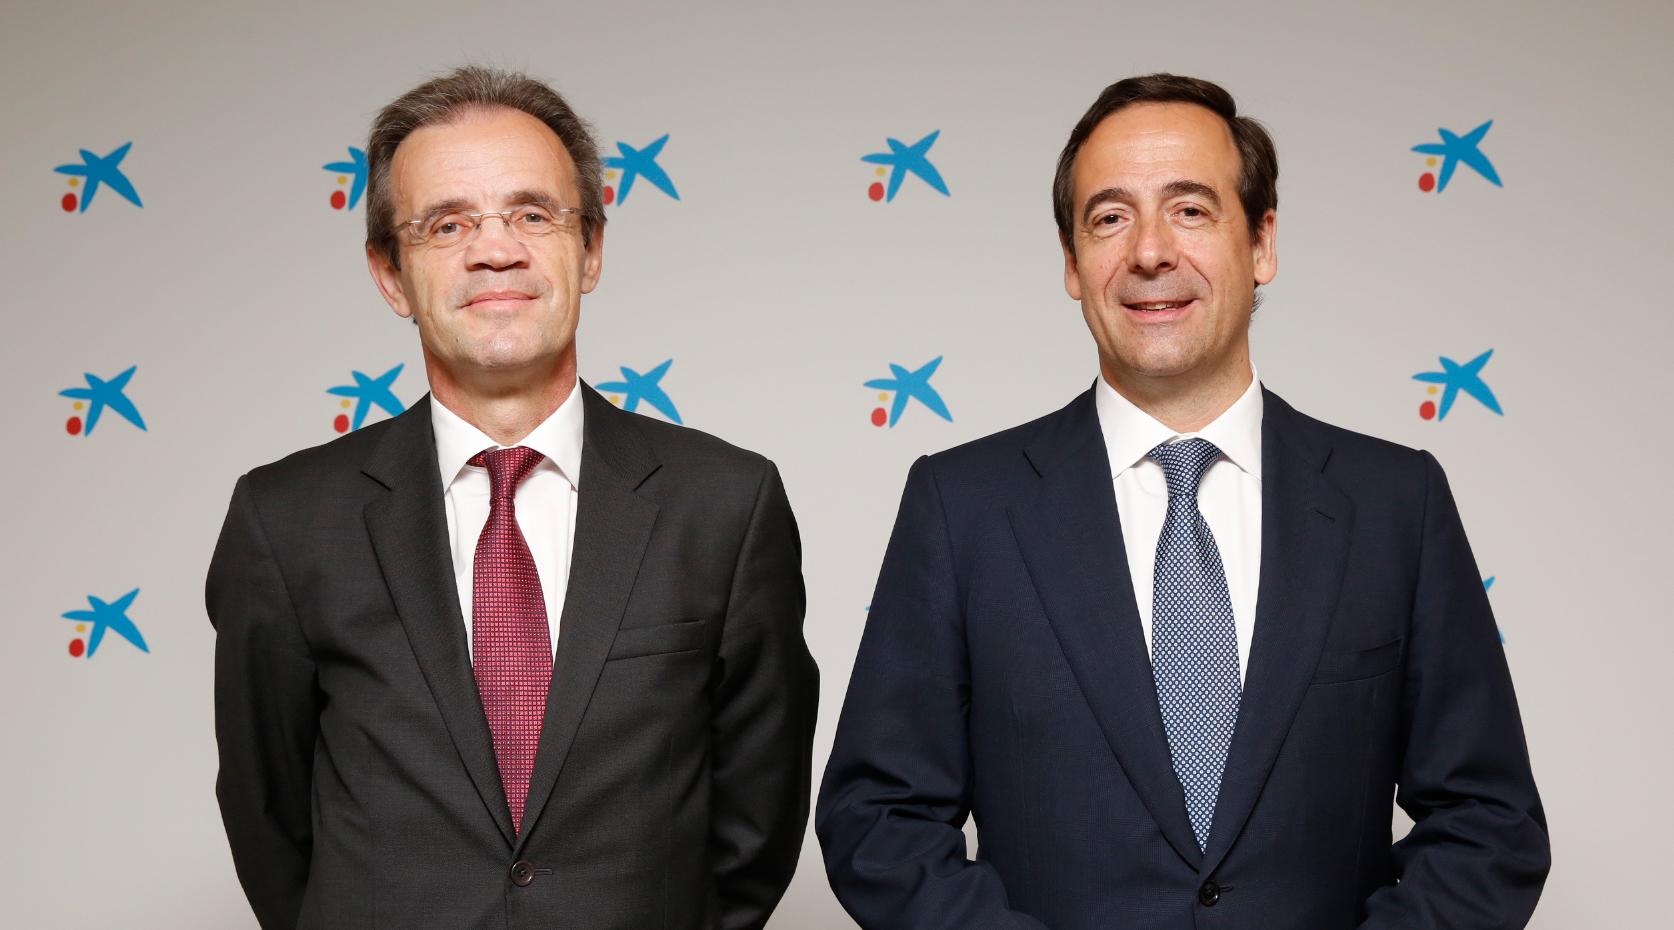 Resultado de imagen de Jordi Gual ha presidido hoy su primera junta general de CaixaBank